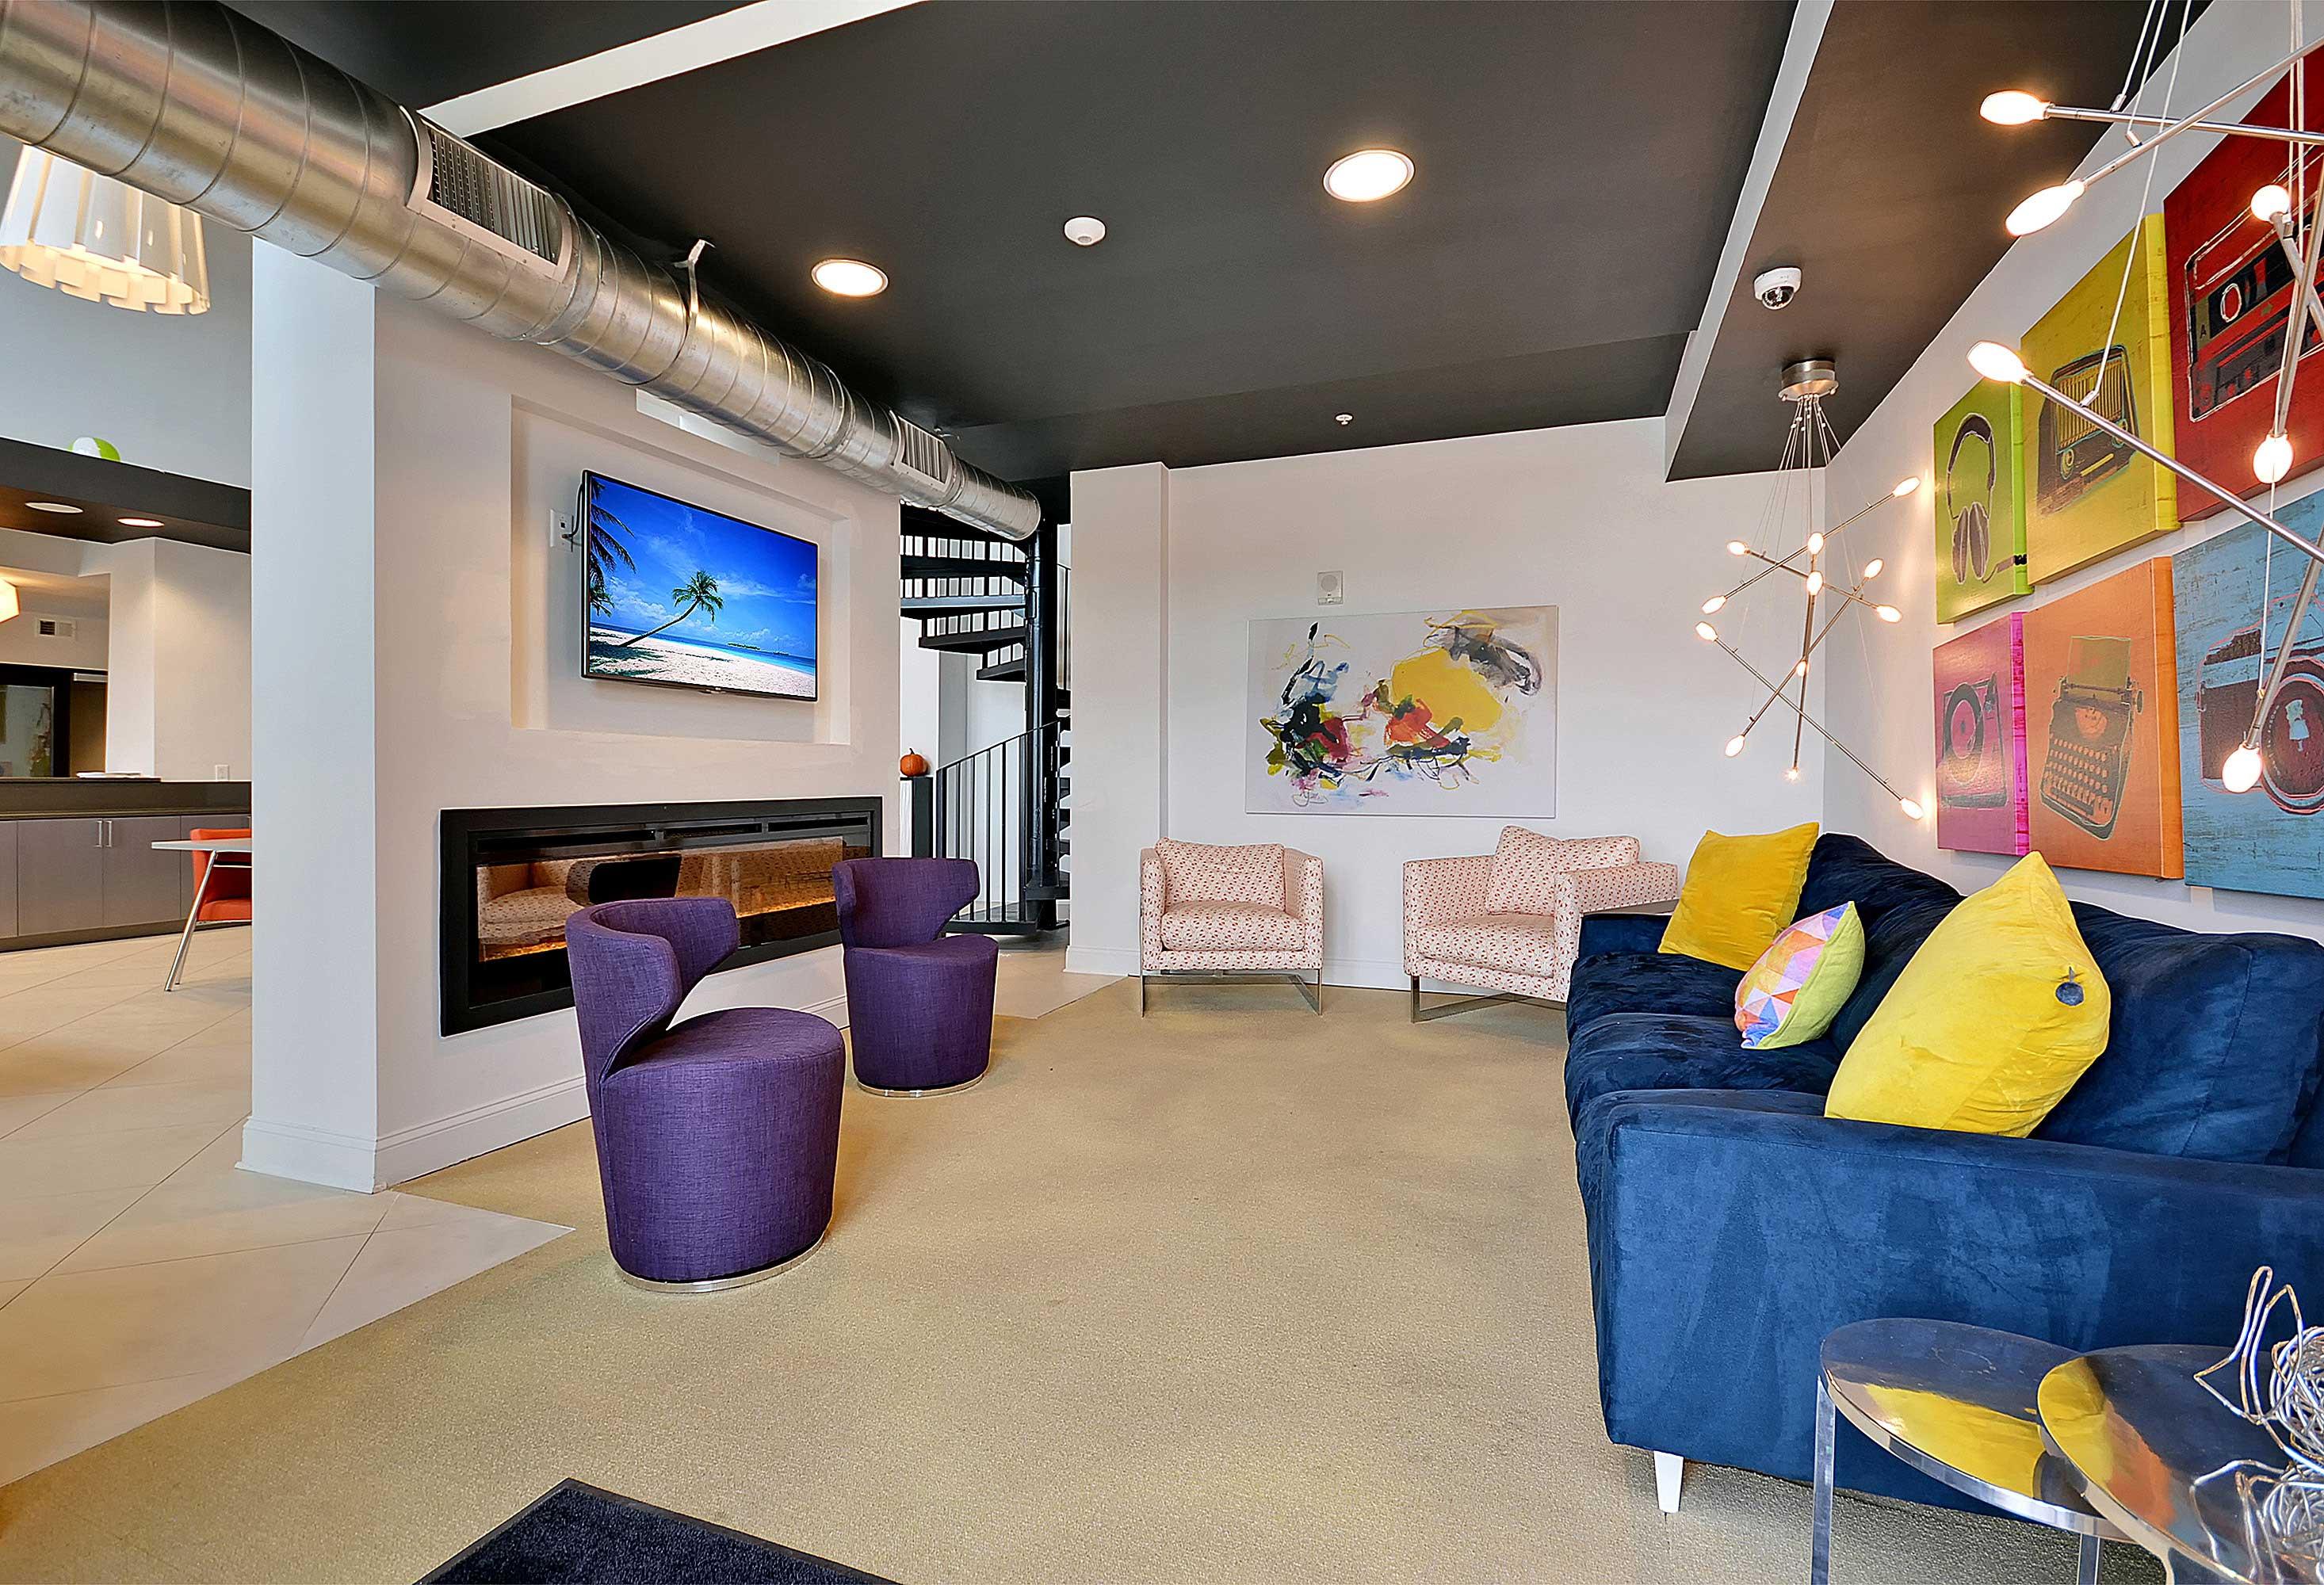 930 nomo axiom architecture for Art institute interior design reviews